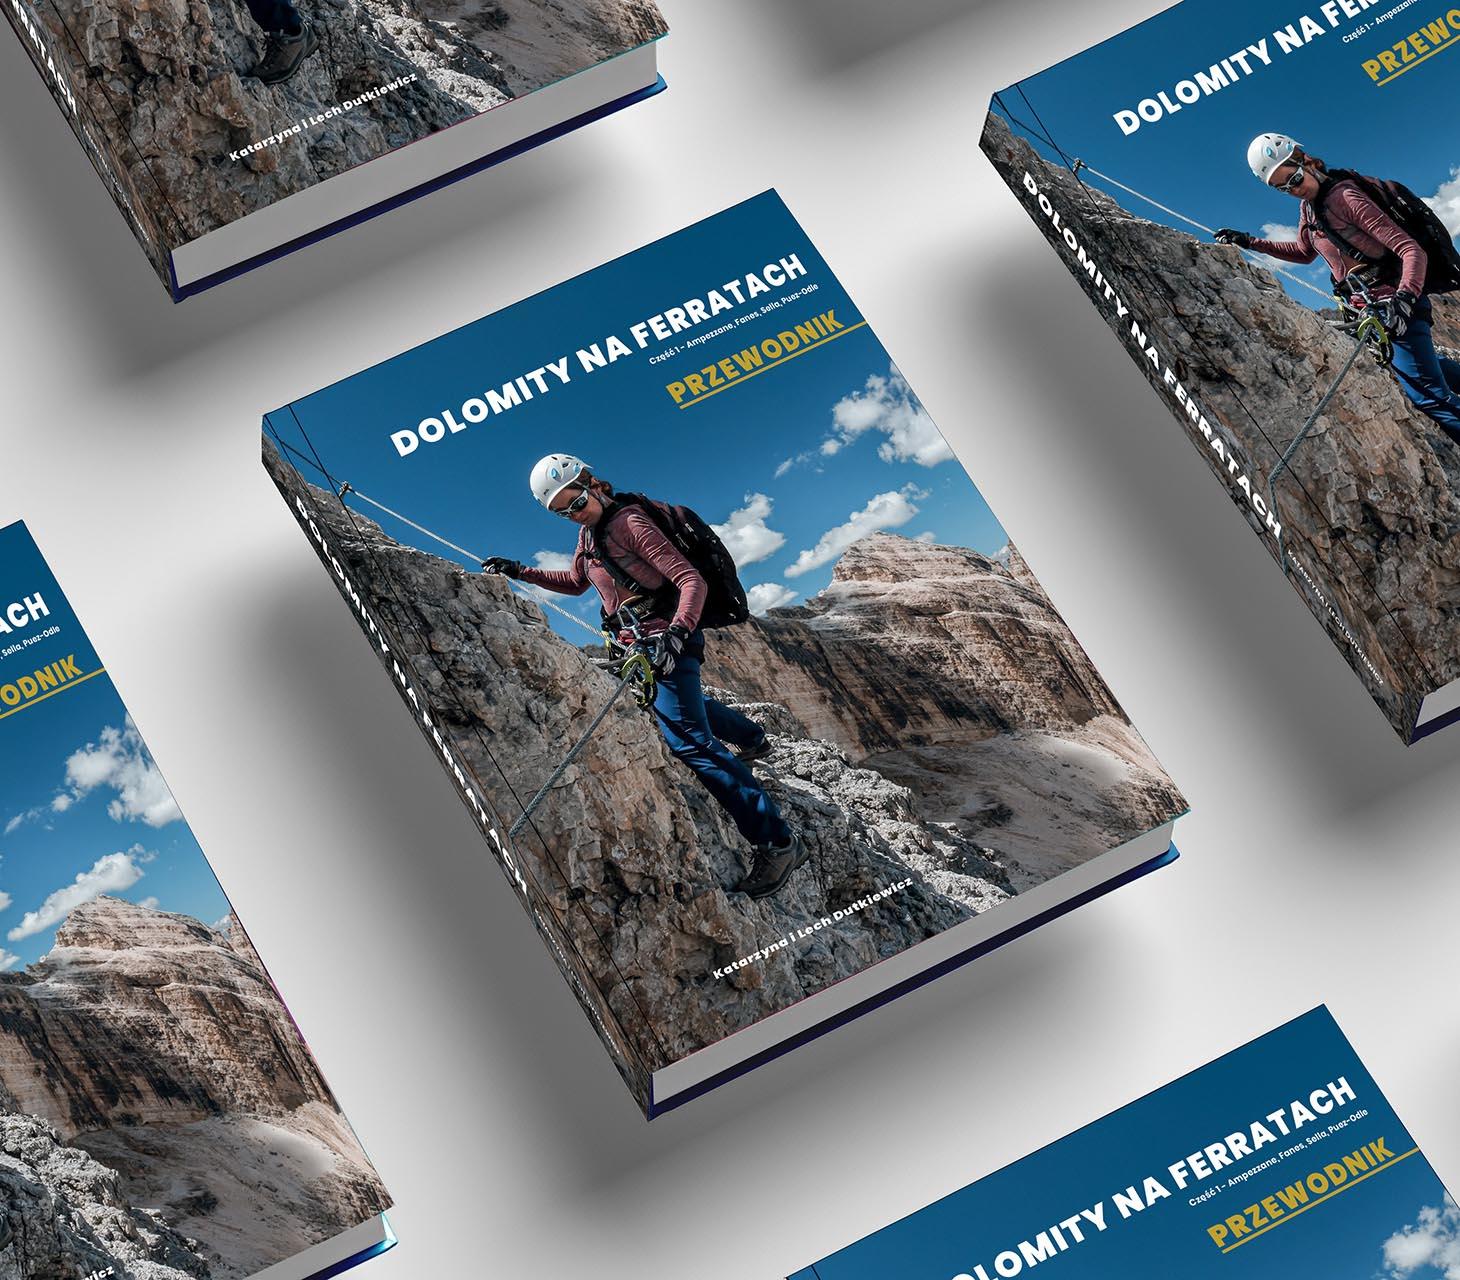 Książka -Przewodnik. Dolomity na ferratach. Część 1